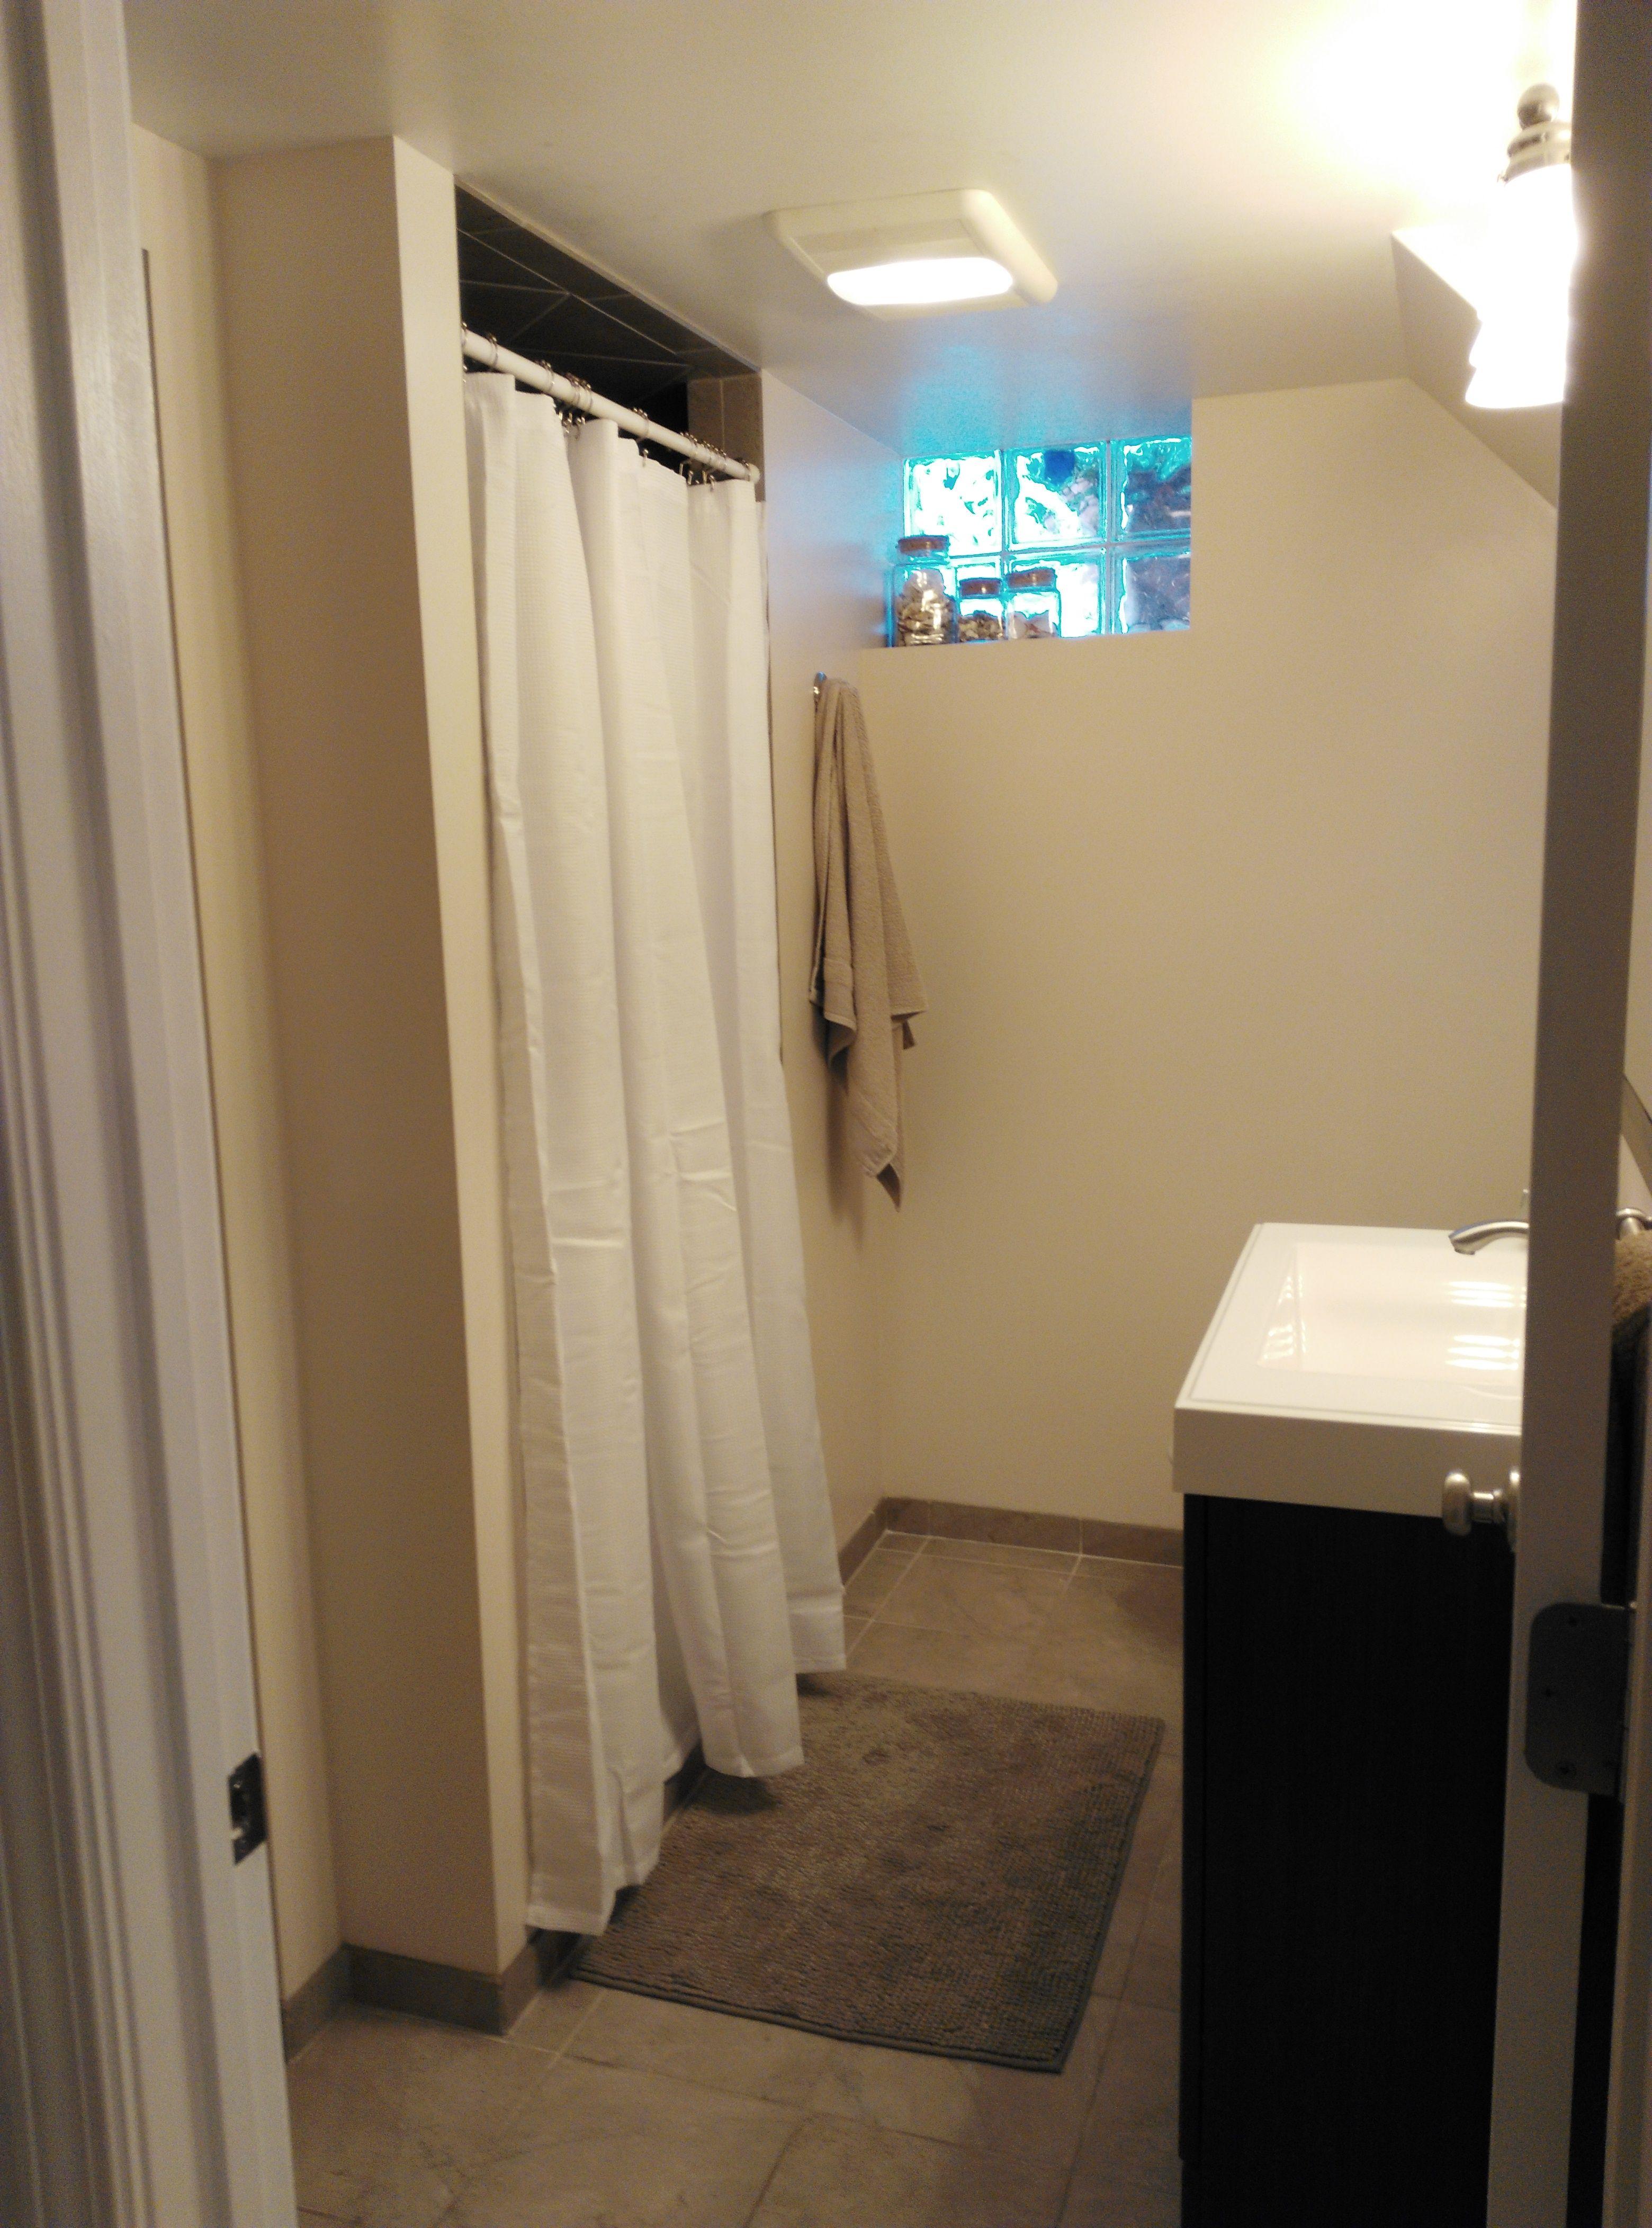 Haus außentor design bath   walls behr designer white  board for the future owners